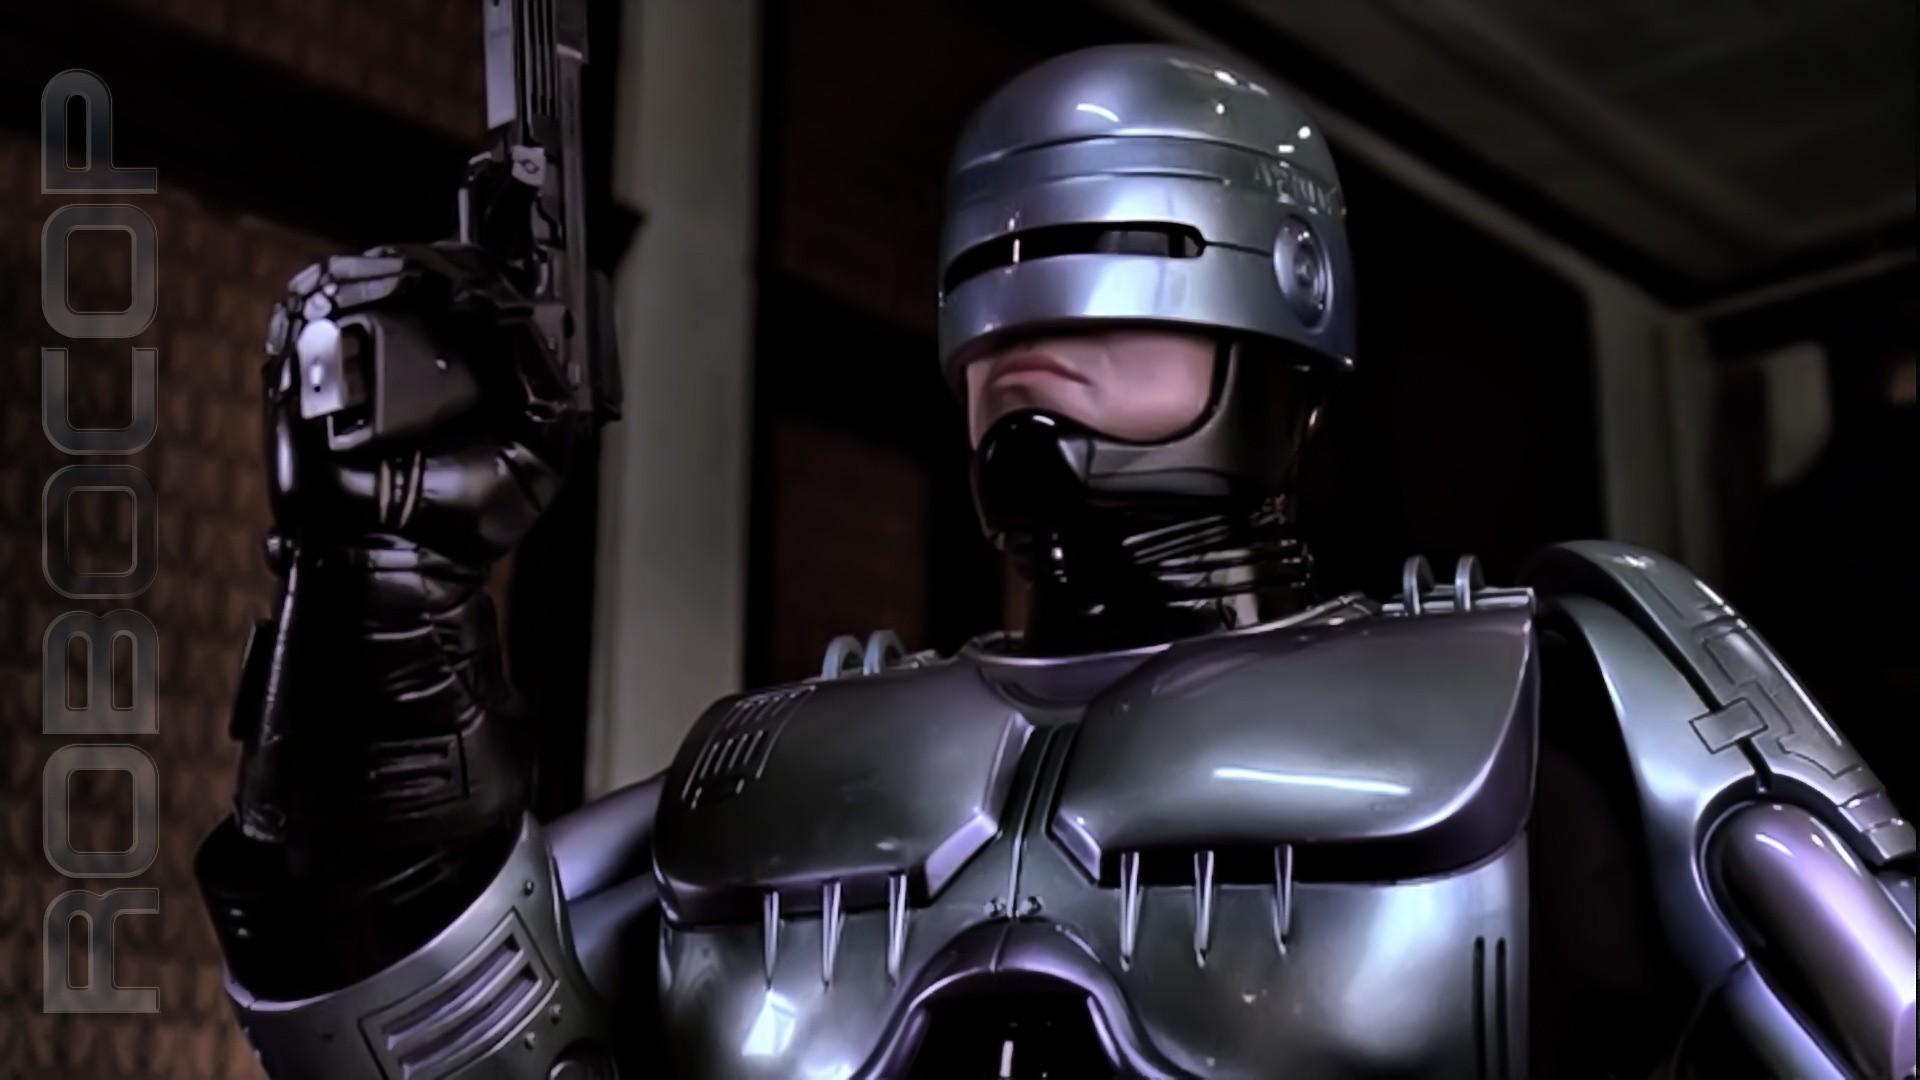 wallpaper : movies, iron man, robocop, screenshot, armour, fictional